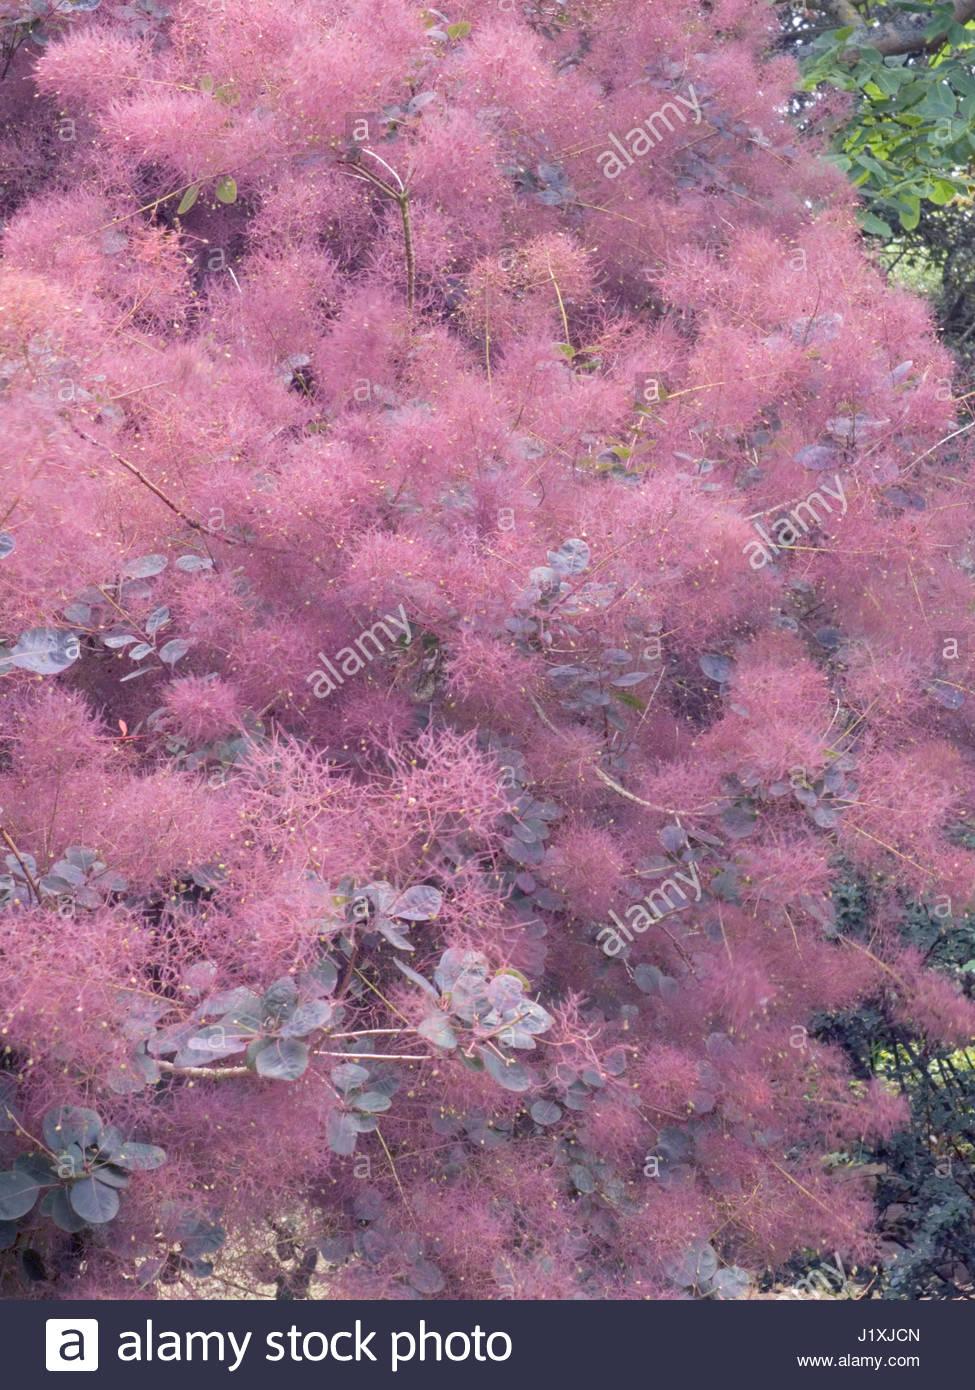 Purple smoke bush stock photos purple smoke bush stock images cotinus coggygria foliis purpureis purple smoke bush stock image mightylinksfo